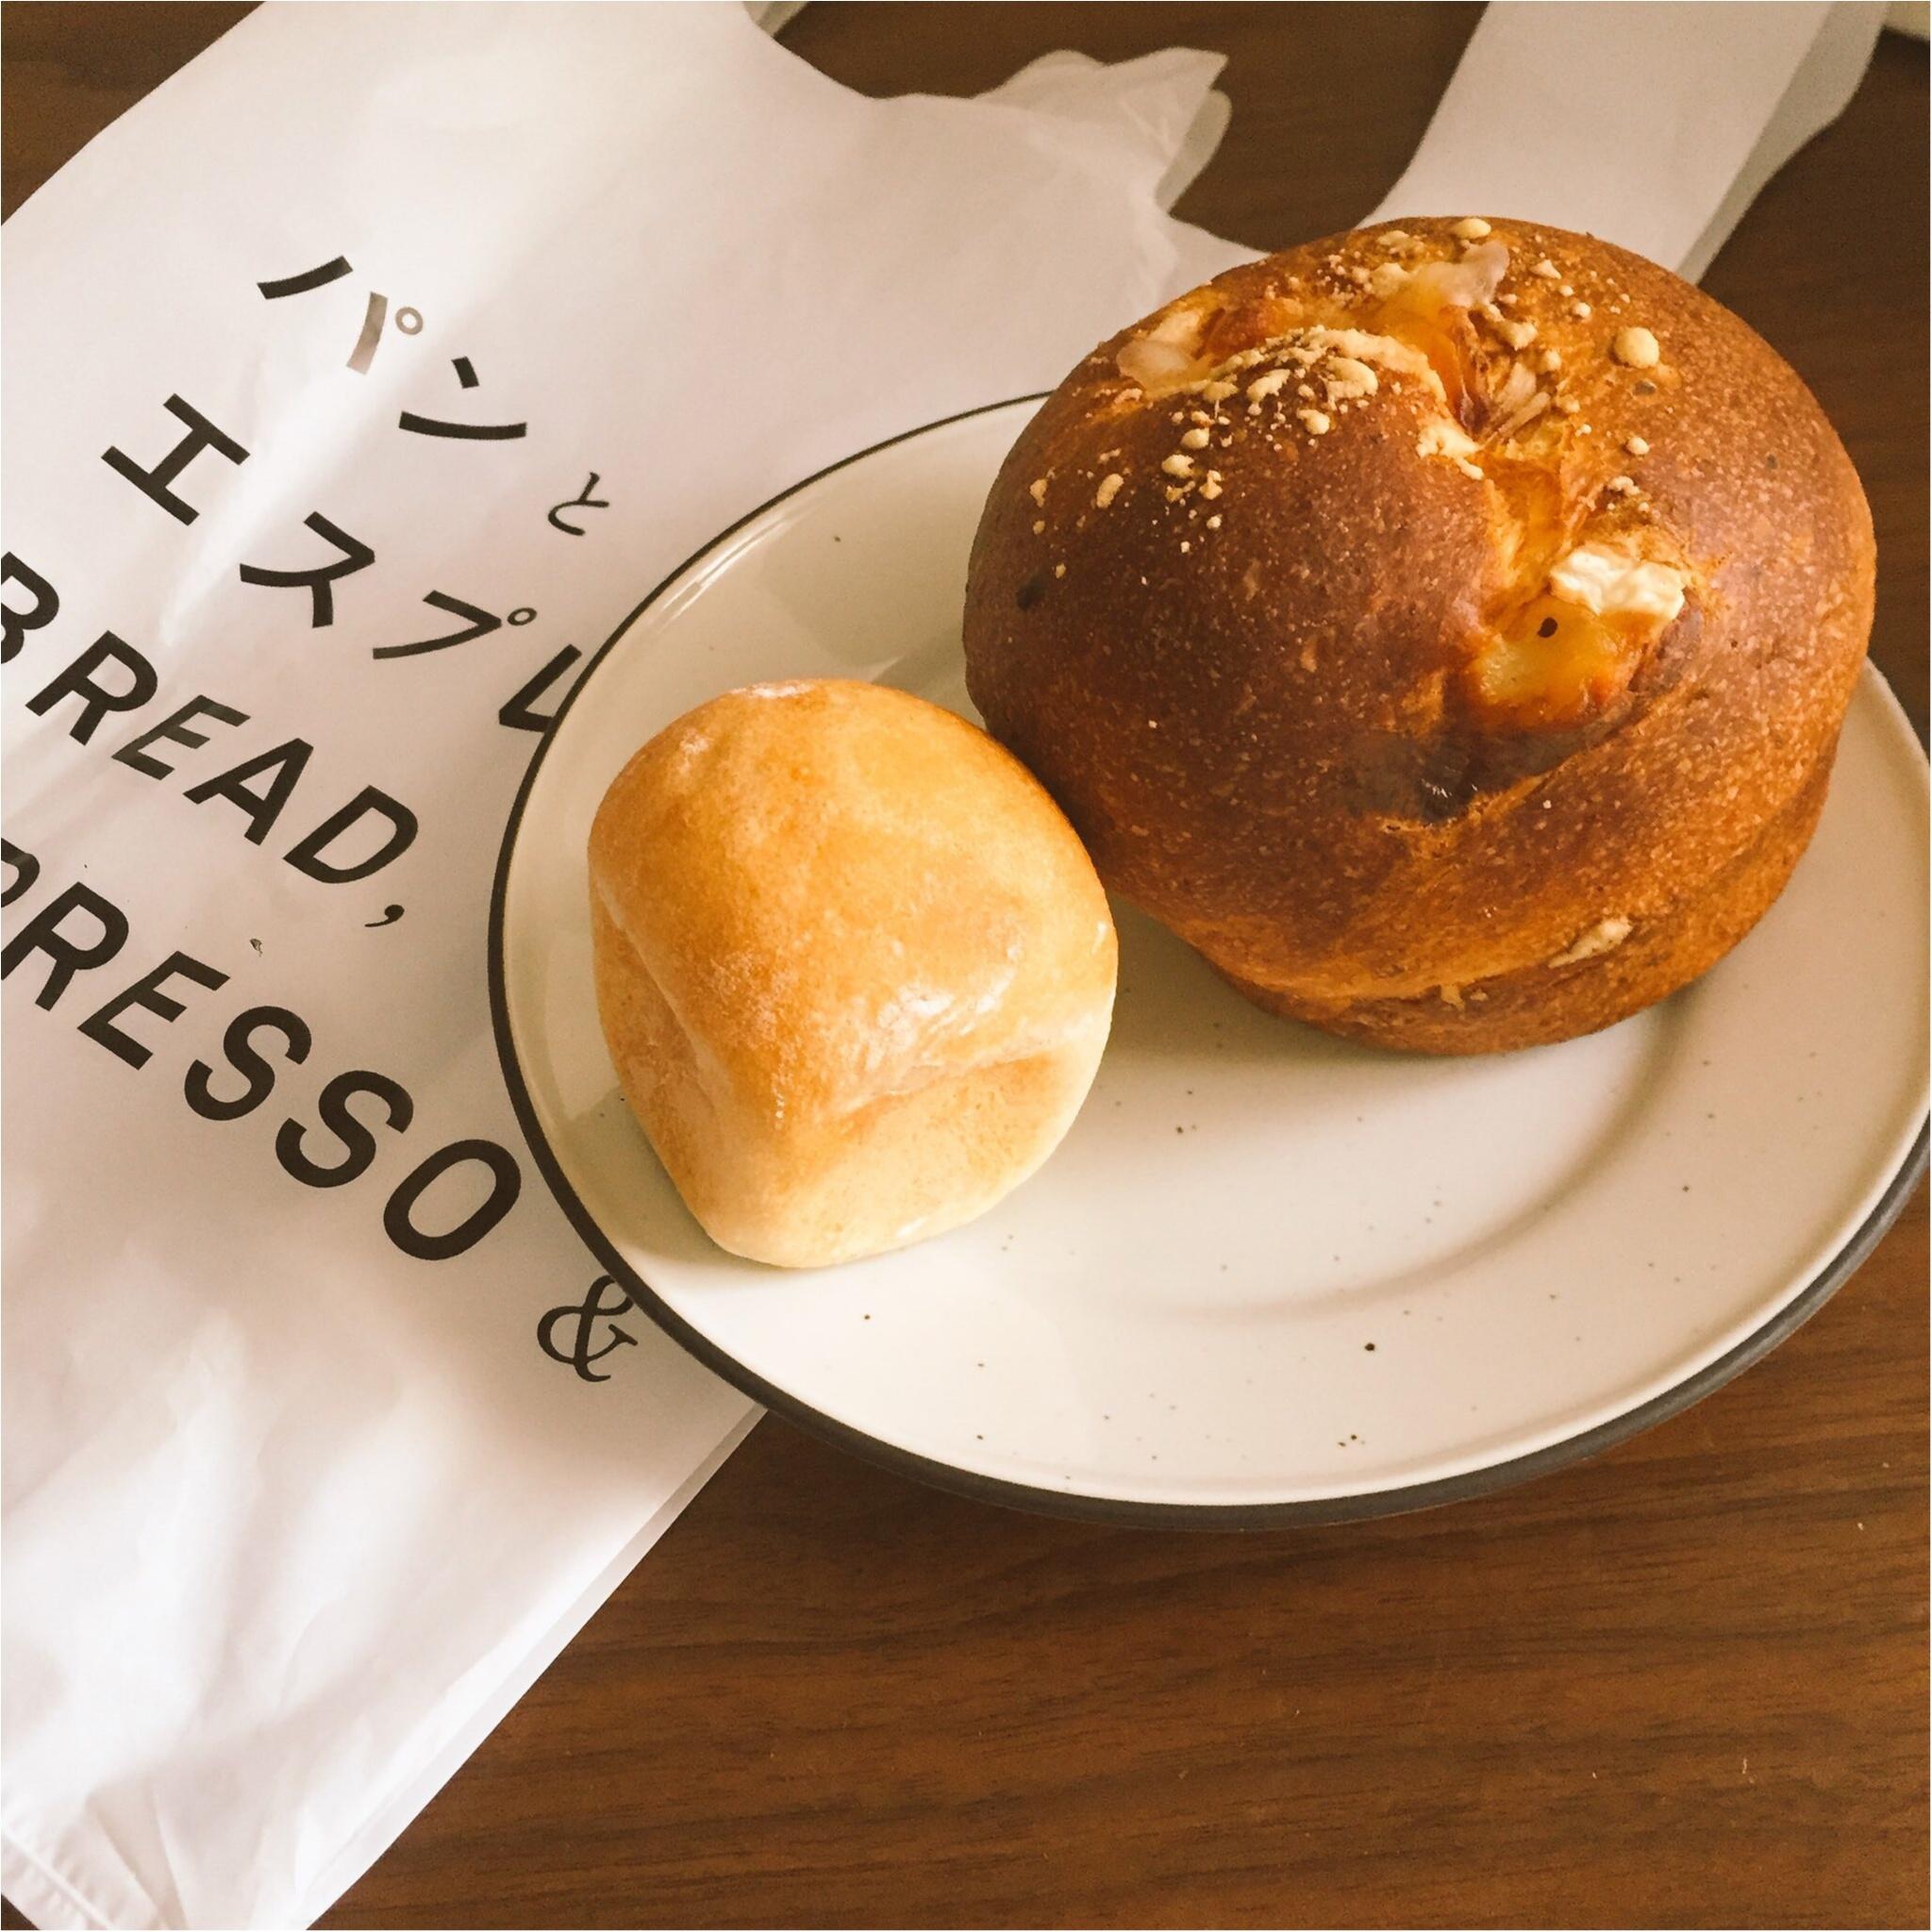 ついについに!関西上陸!♡パンとエスプレッソと、にて話題の食パンをいただきました!♡_4